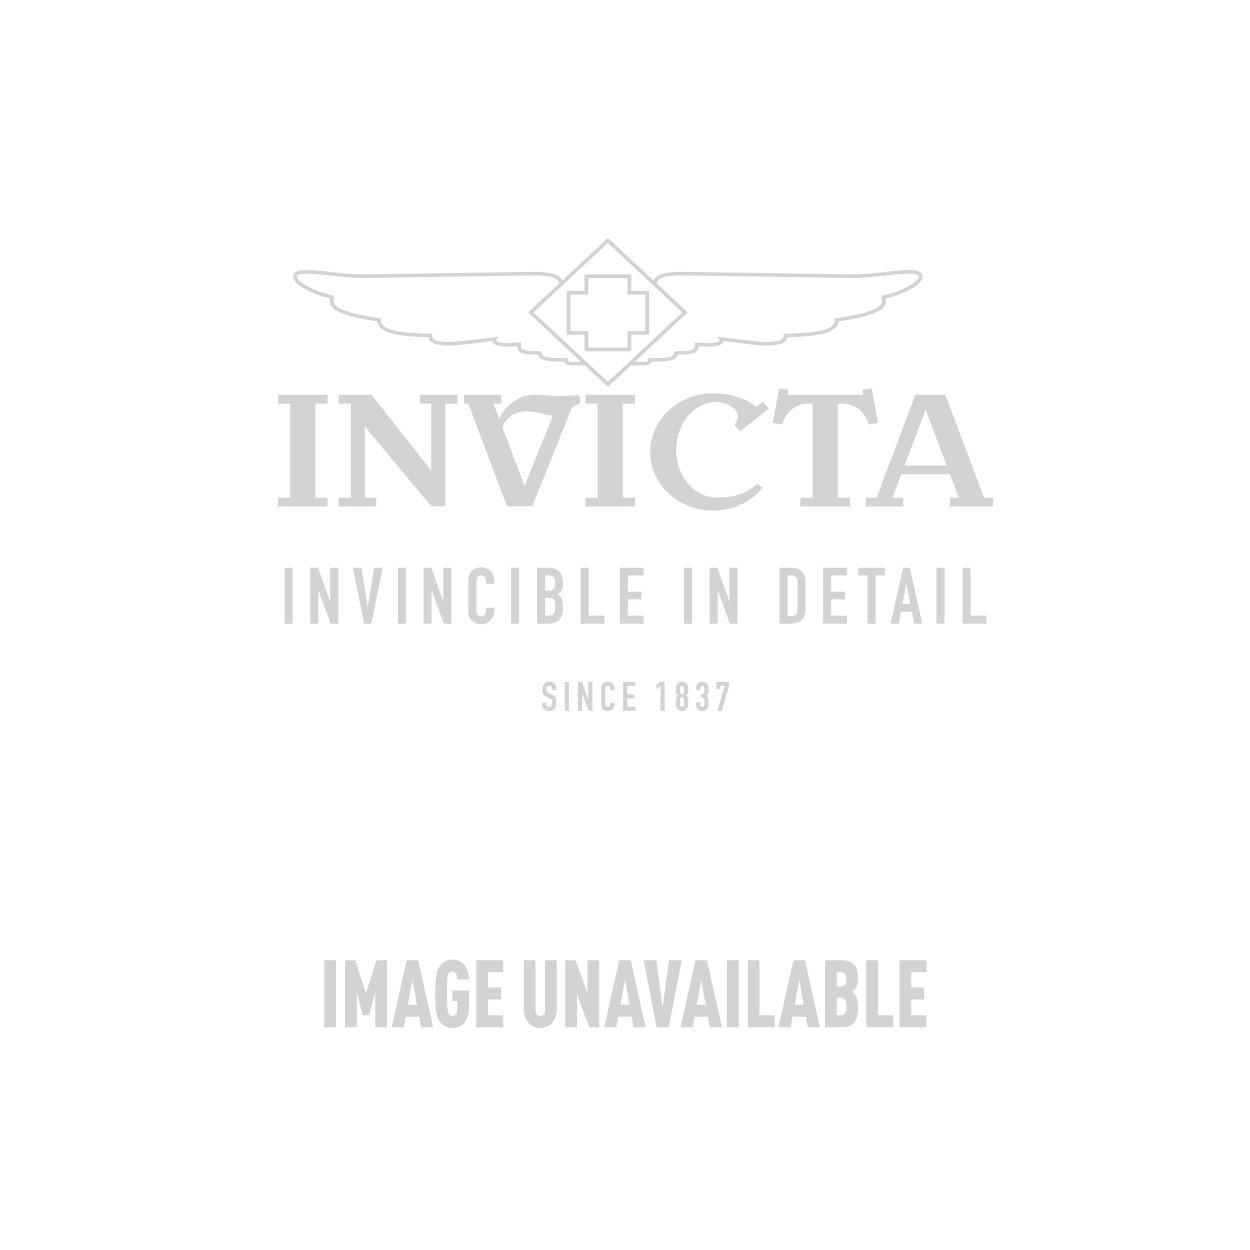 Invicta Model  26193